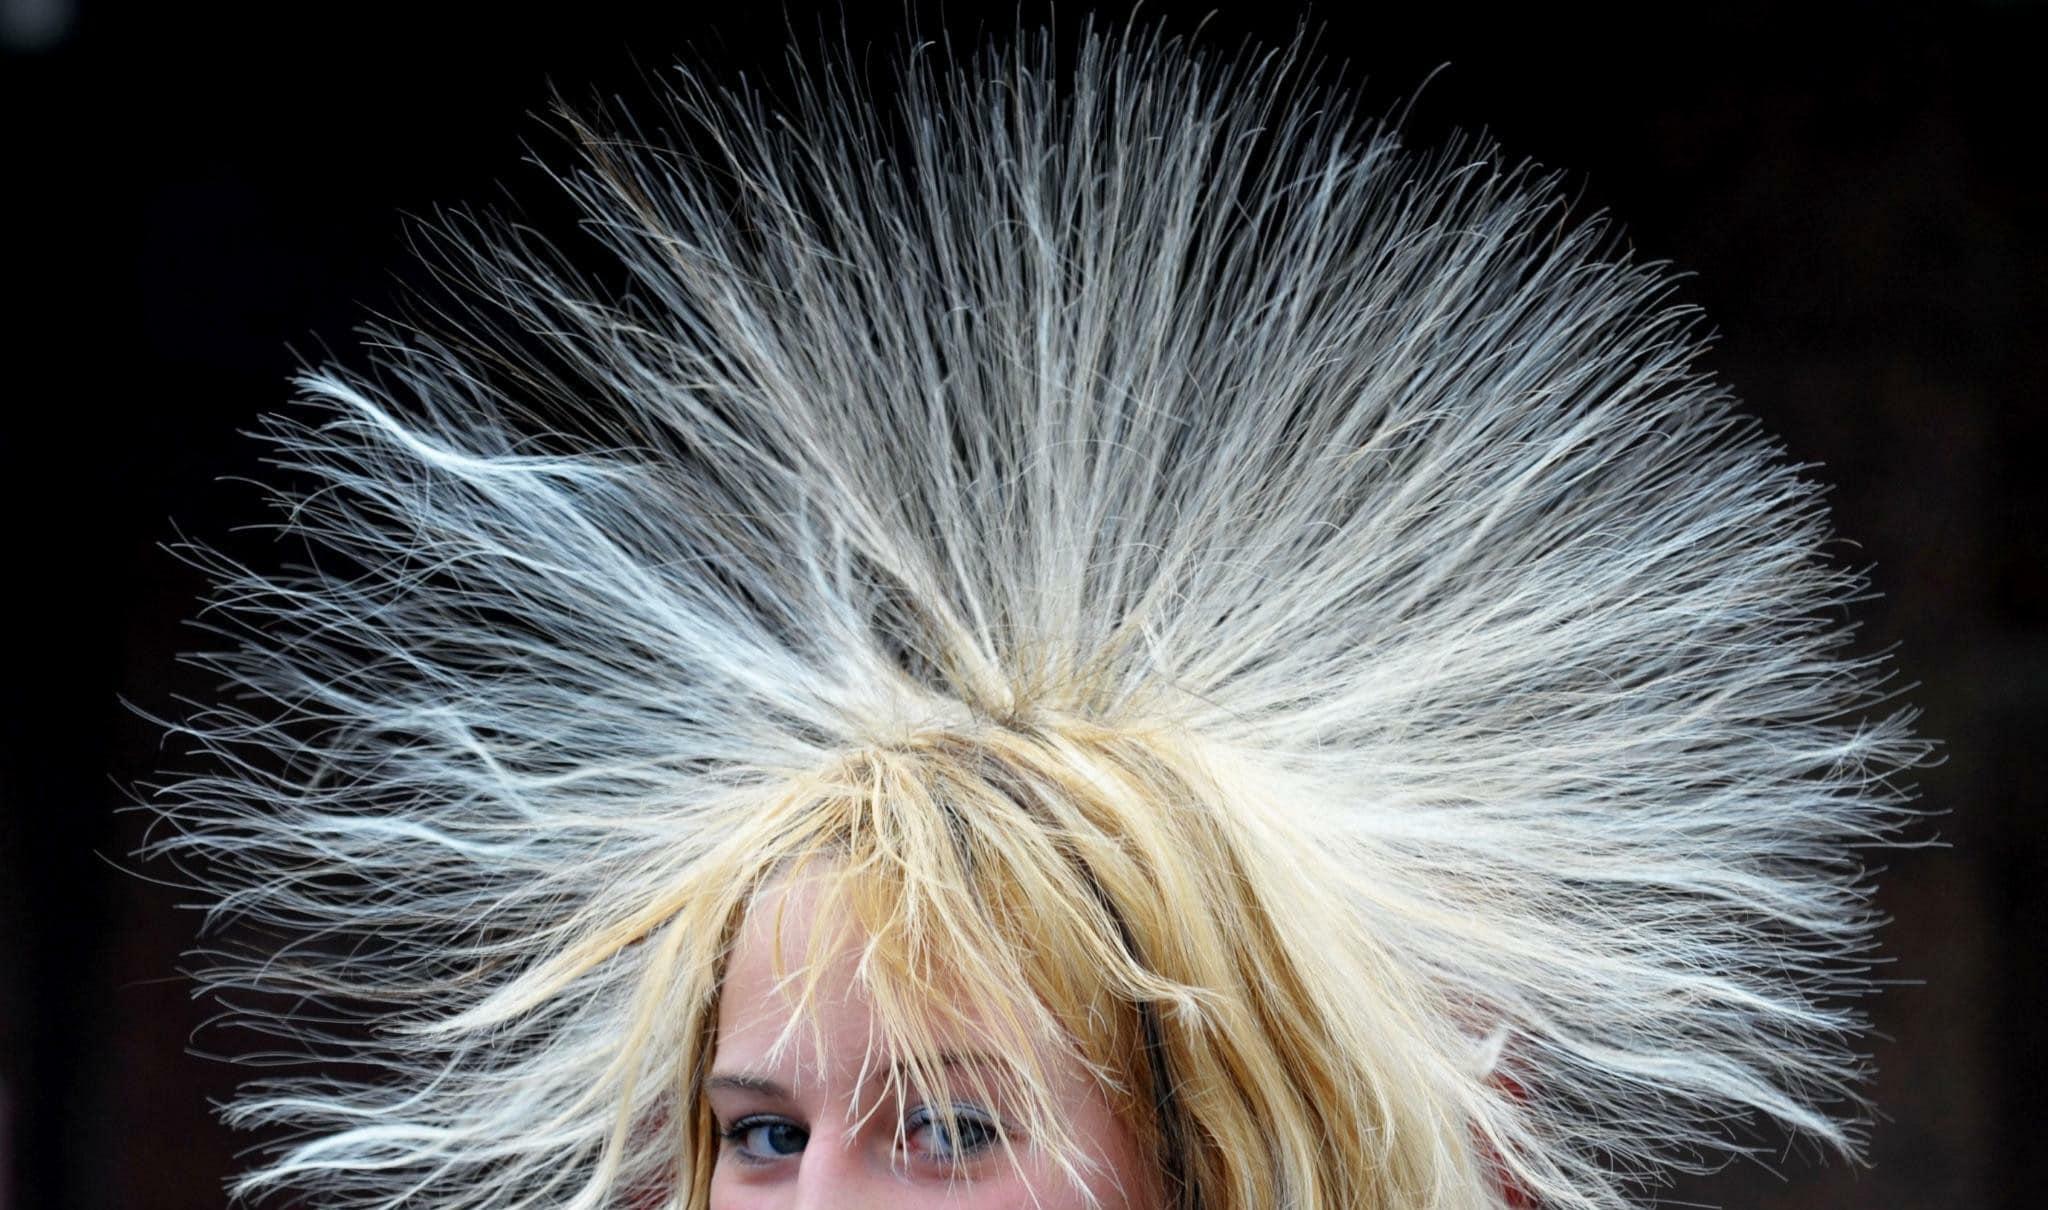 OLED из парикмахерской: гибкие дисплеи из человеческих волос и их перспективы - 2